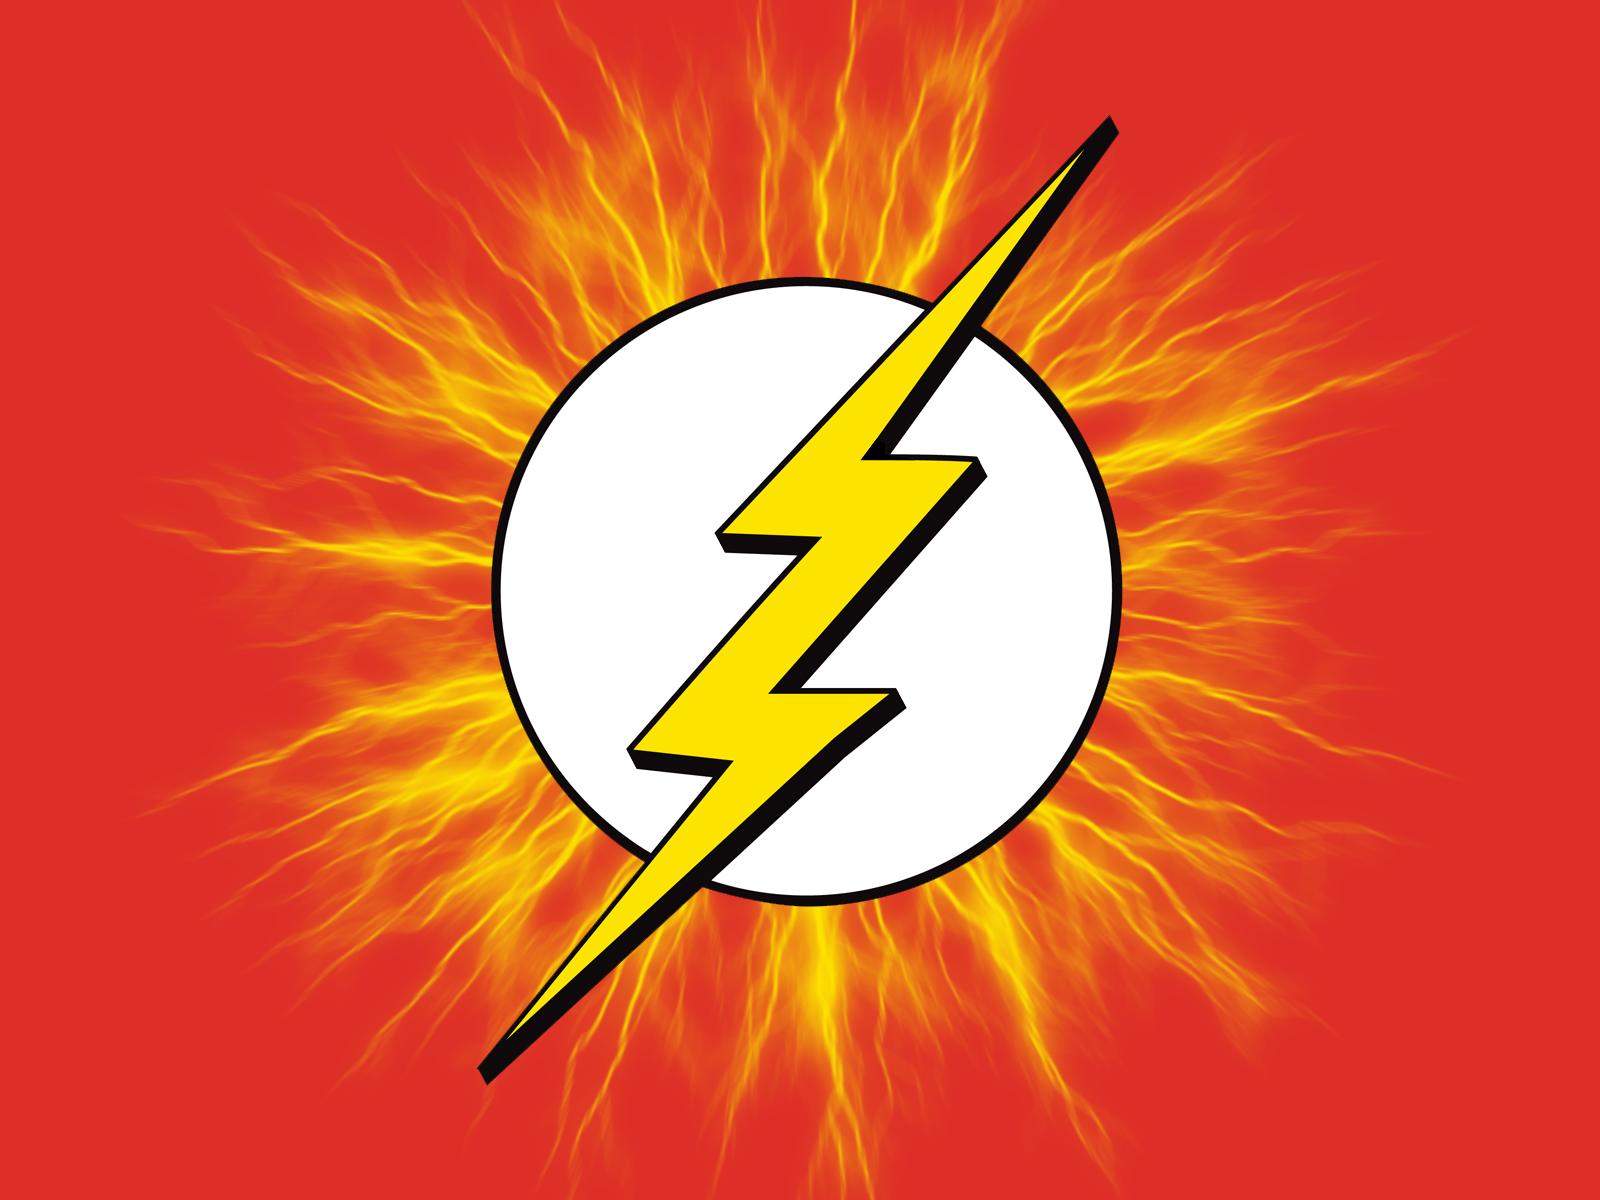 The Flash 40 Hd Wallpaper 1600x1200